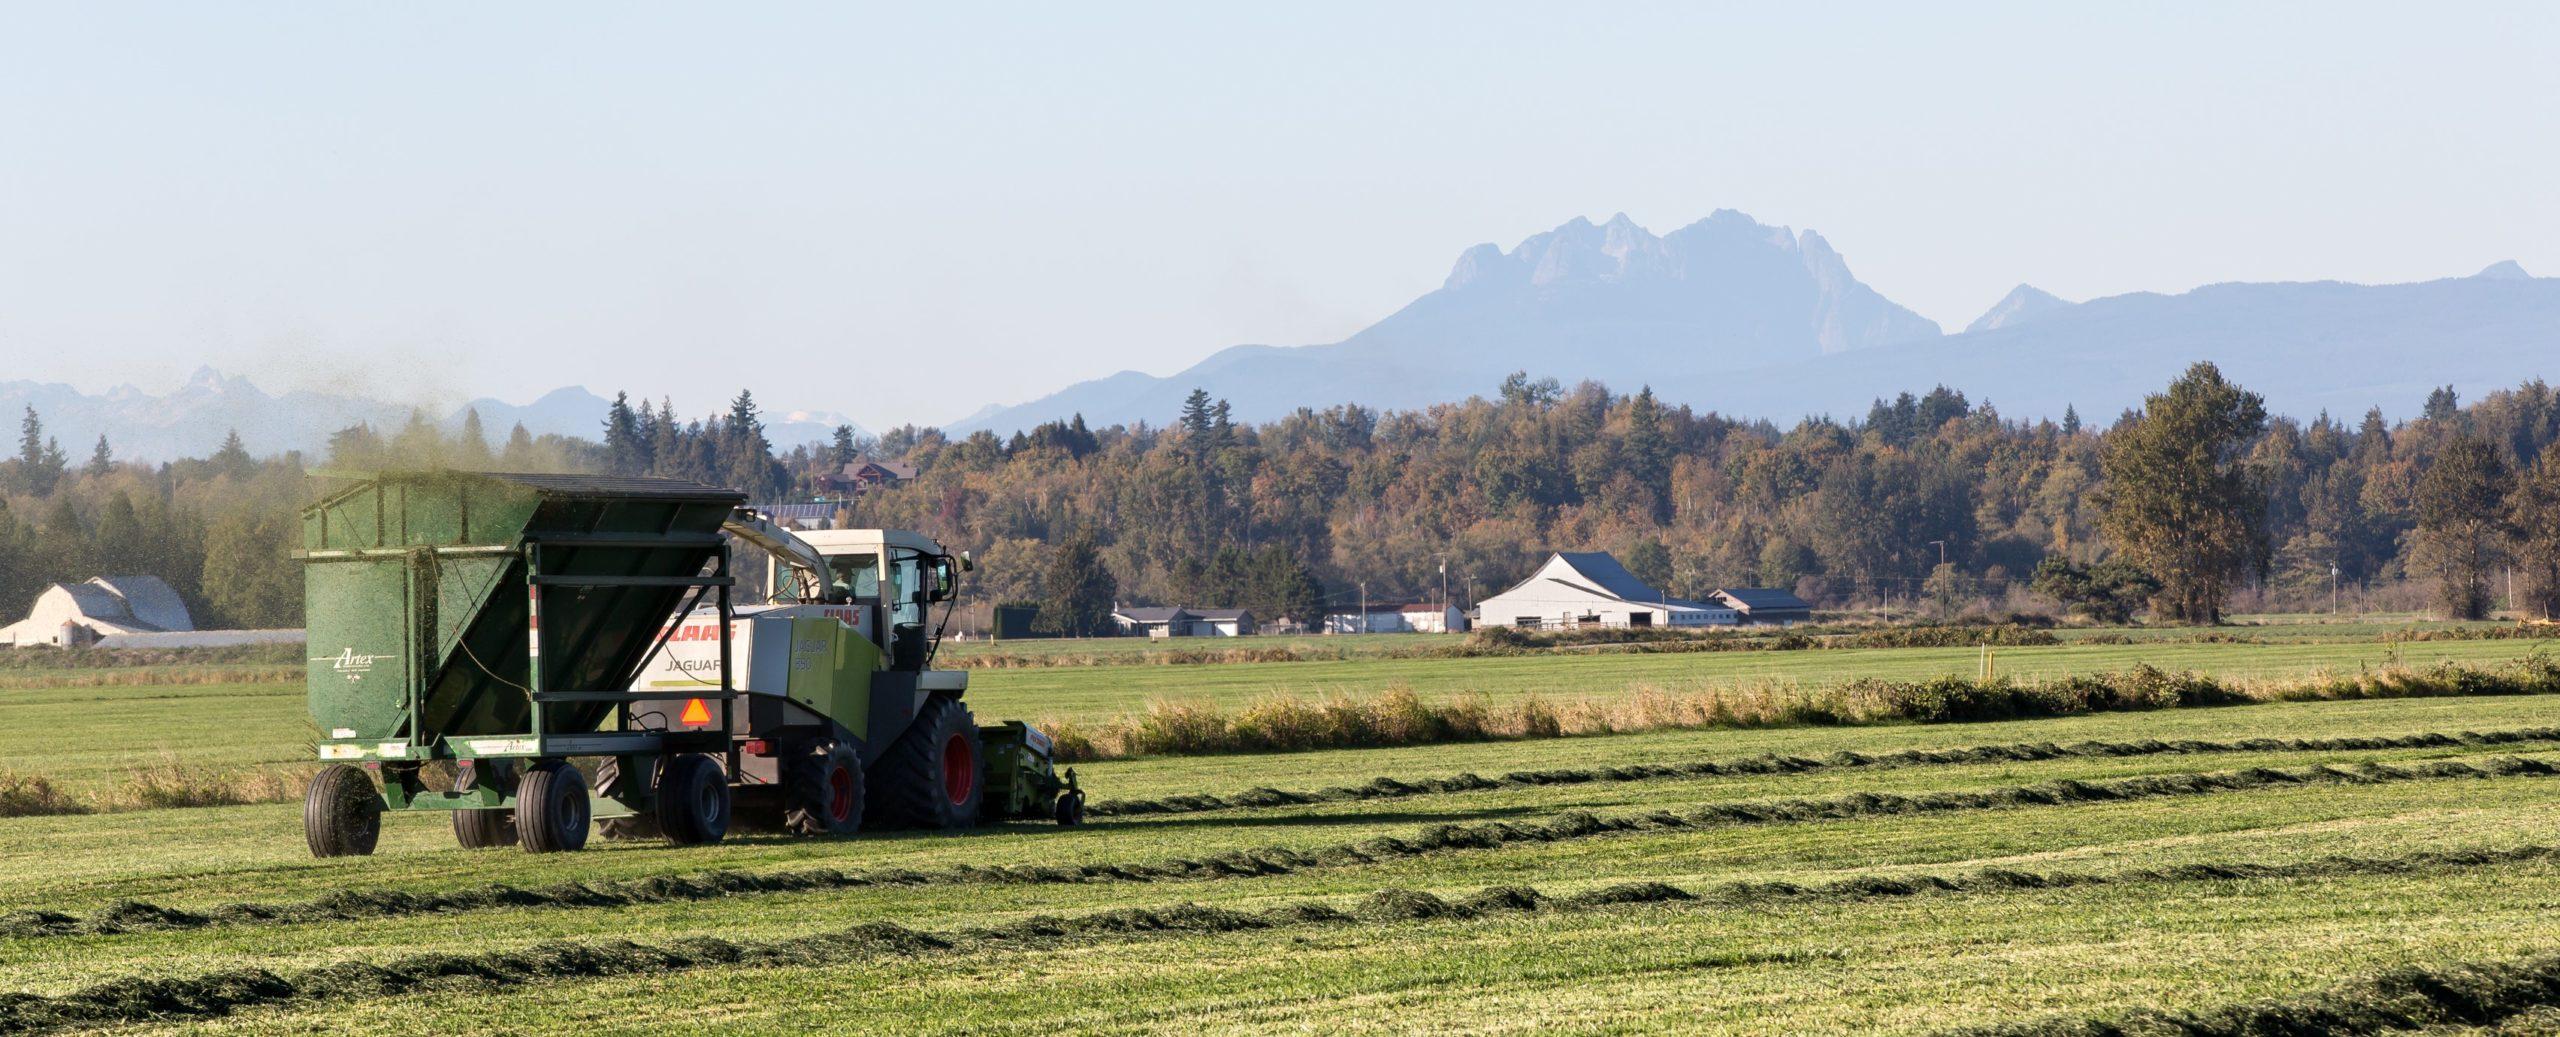 Picture of combine on farmland in 42nd Legislative District. Sumas, WA.